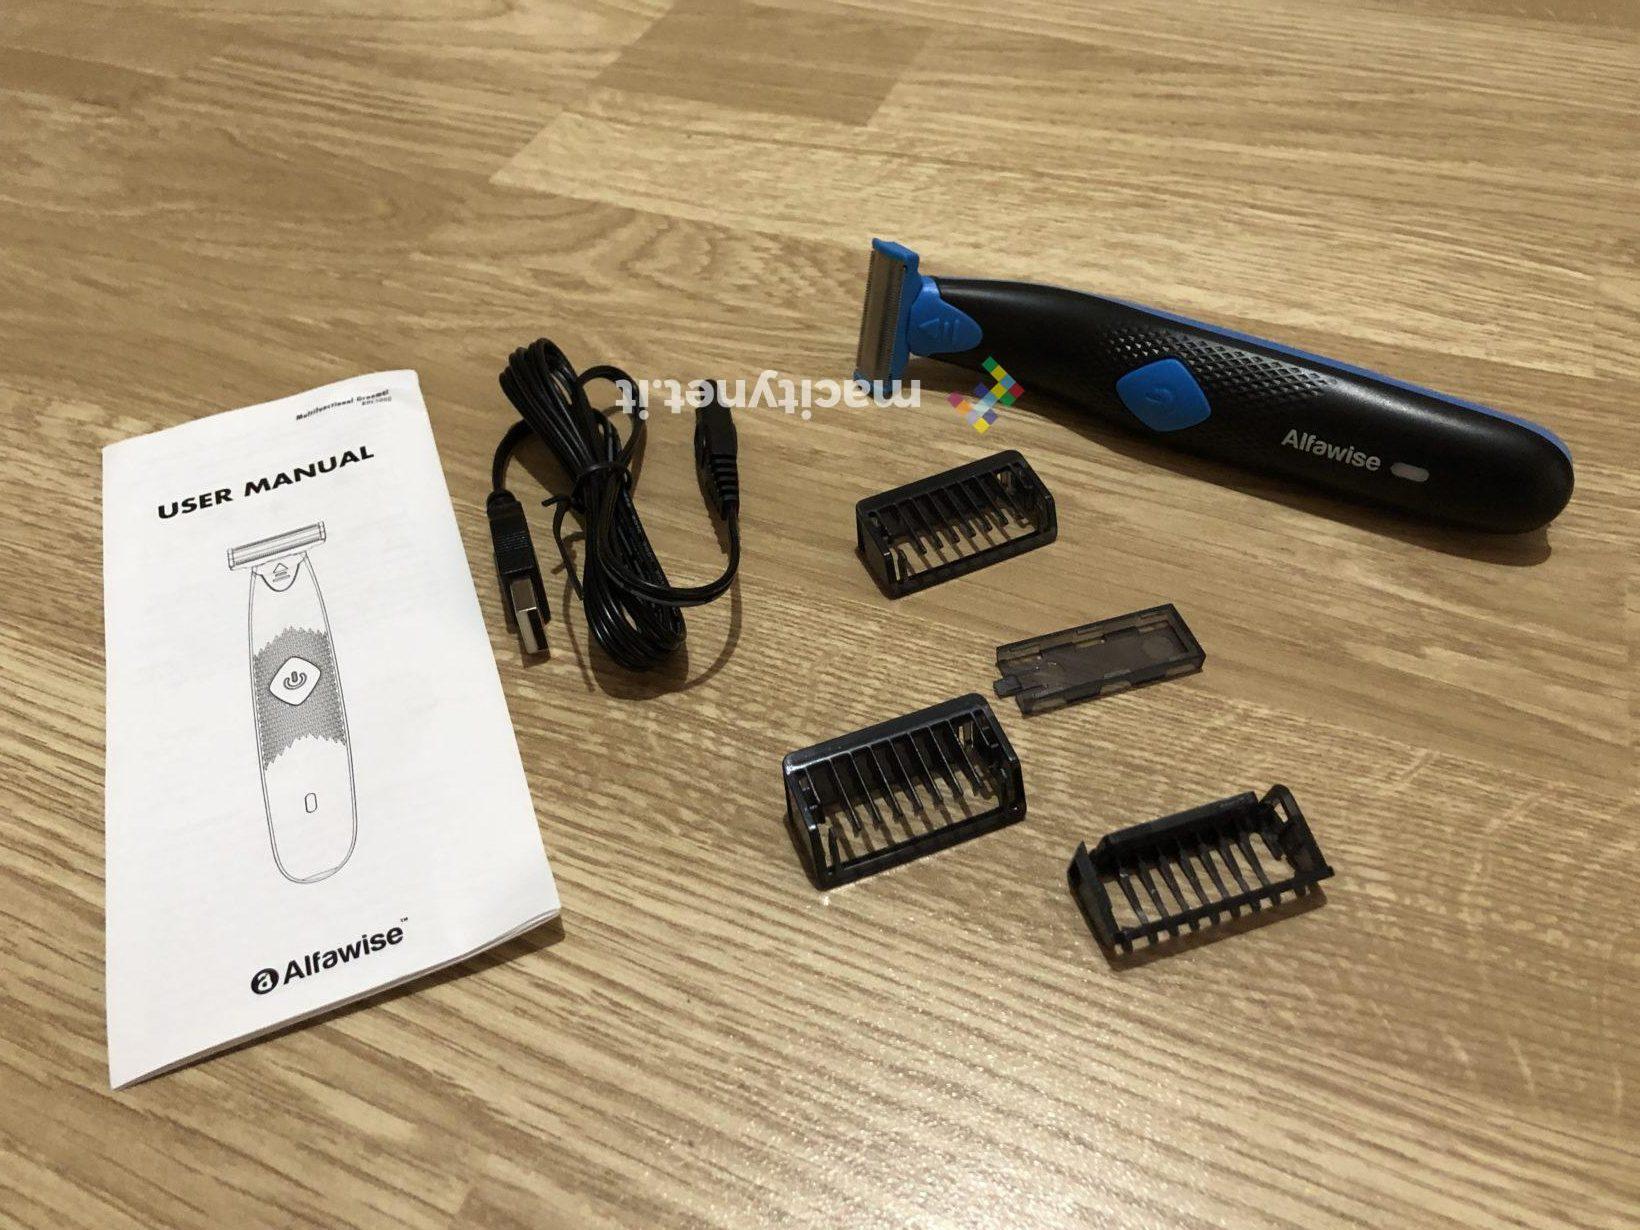 Recensione Alfawise RHC5000, il rasoio elettrico più economico al mondo